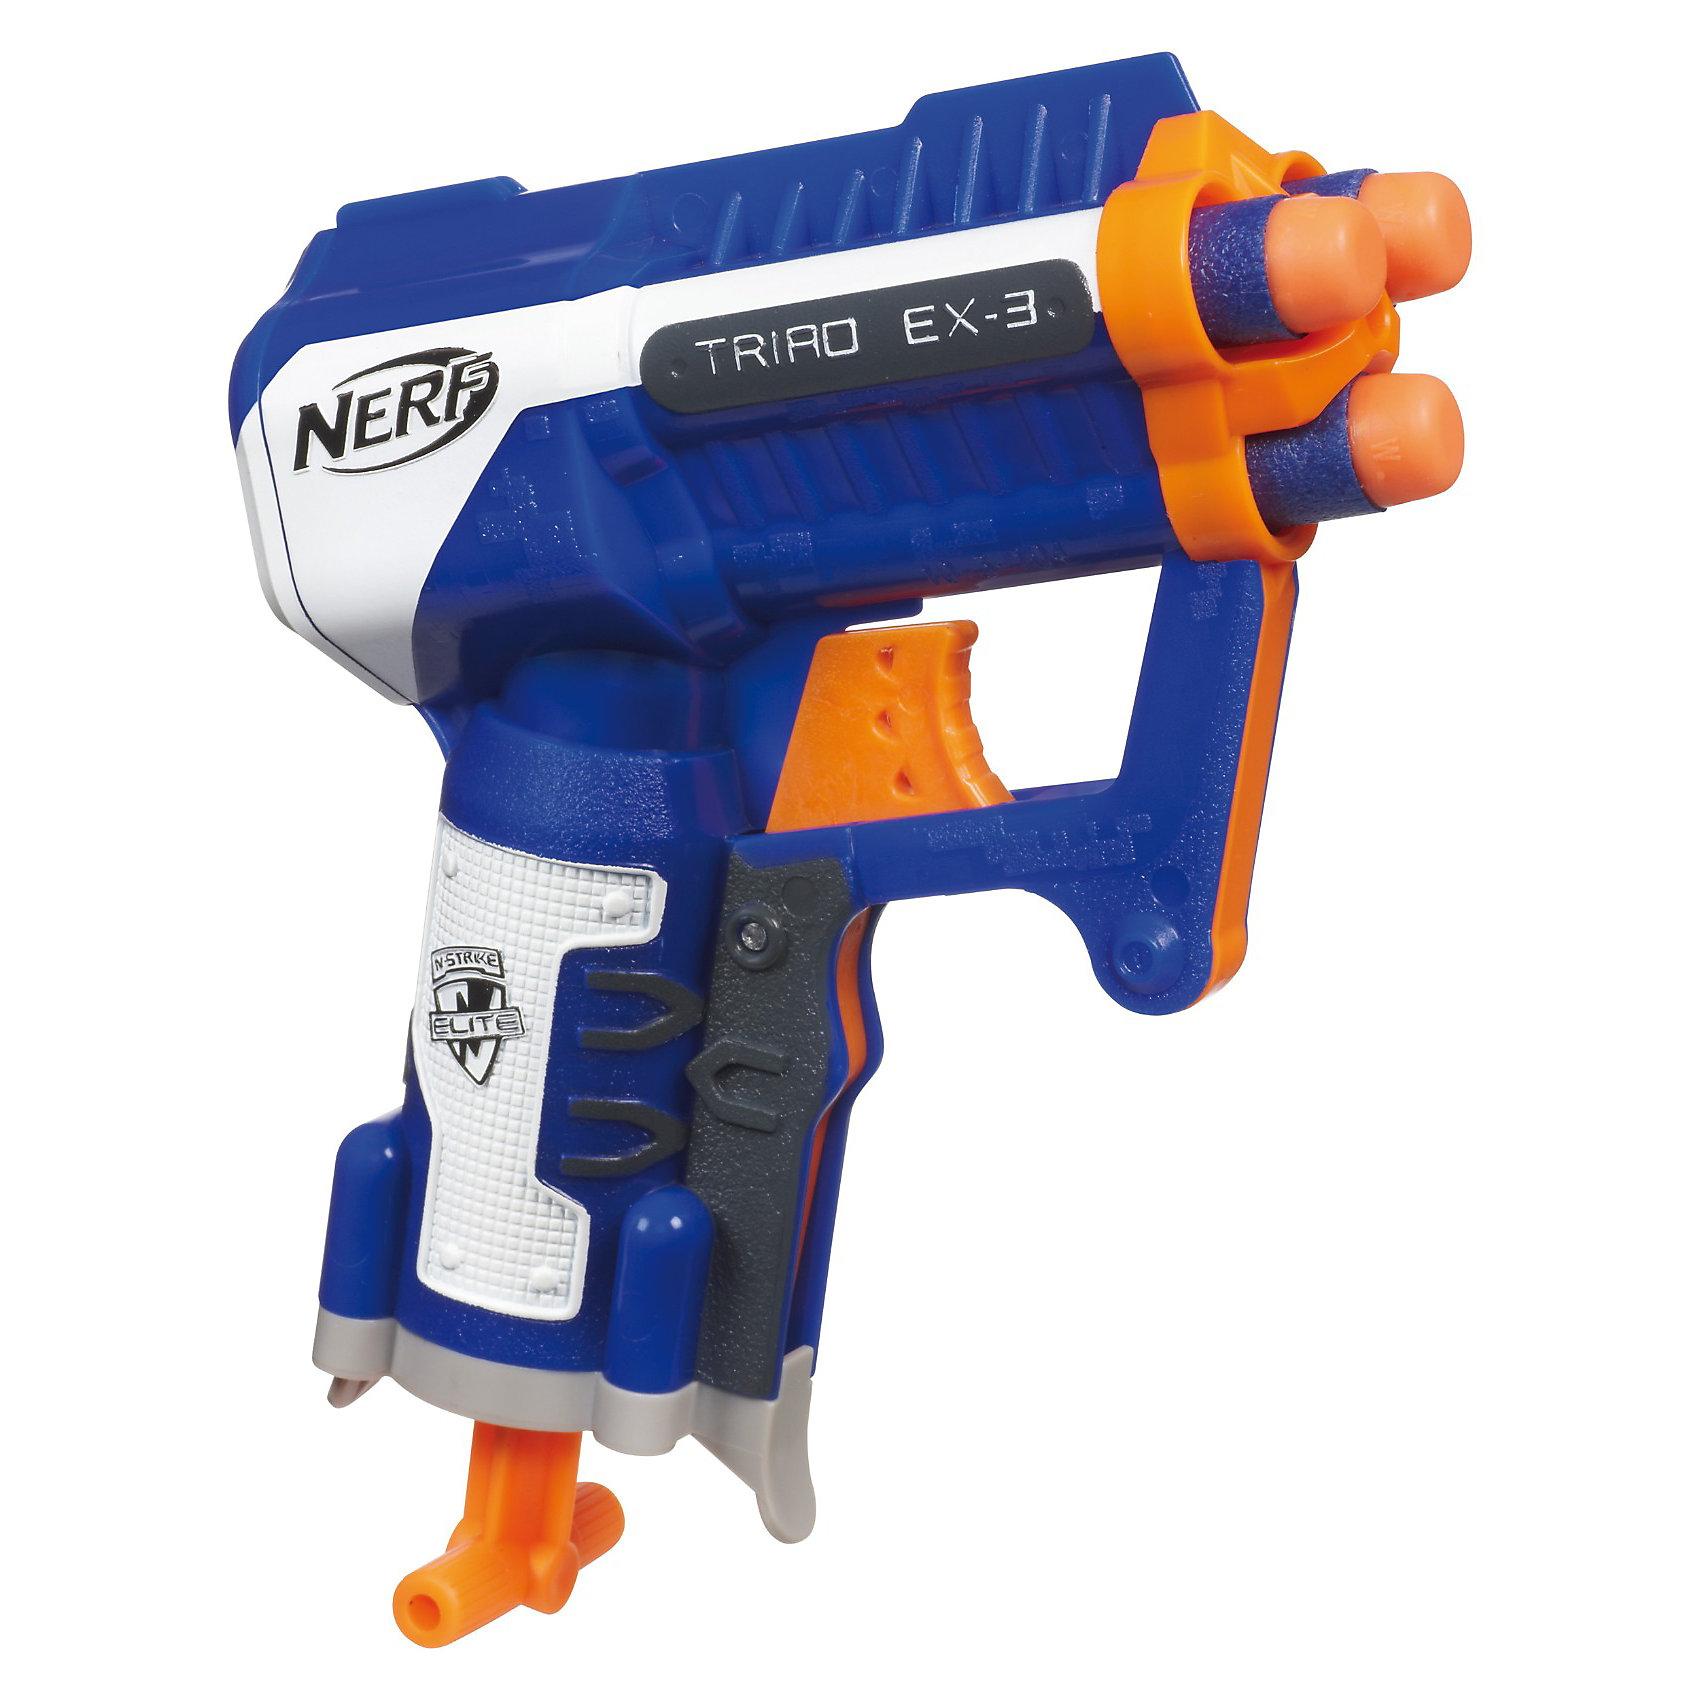 Бластер Элит Триад, NERFБластеры, пистолеты и прочее<br>Бластер Элит Триад от Nerf - компактный и мощный бластер, который стреляет сразу тремя стрелами. Вставьте в бластер стрелы и Вы уже готовы к битве. <br>Новый бластер Элит Триад может стрелять на расстояние до 20 -ти метров!<br><br>Подарите своему ребенку множество спортивно-азартных часов!<br><br>Дополнительная информация:<br>- В комплекте бластер, 3 стрелы и инструкция. <br>- Размер: 171*187*54 мм.<br><br>Бластер Элит Триад, Nerf можно купить в нашем интернет - магазине.<br><br>Ширина мм: 54<br>Глубина мм: 171<br>Высота мм: 187<br>Вес г: 520<br>Возраст от месяцев: 96<br>Возраст до месяцев: 2147483647<br>Пол: Мужской<br>Возраст: Детский<br>SKU: 3295473